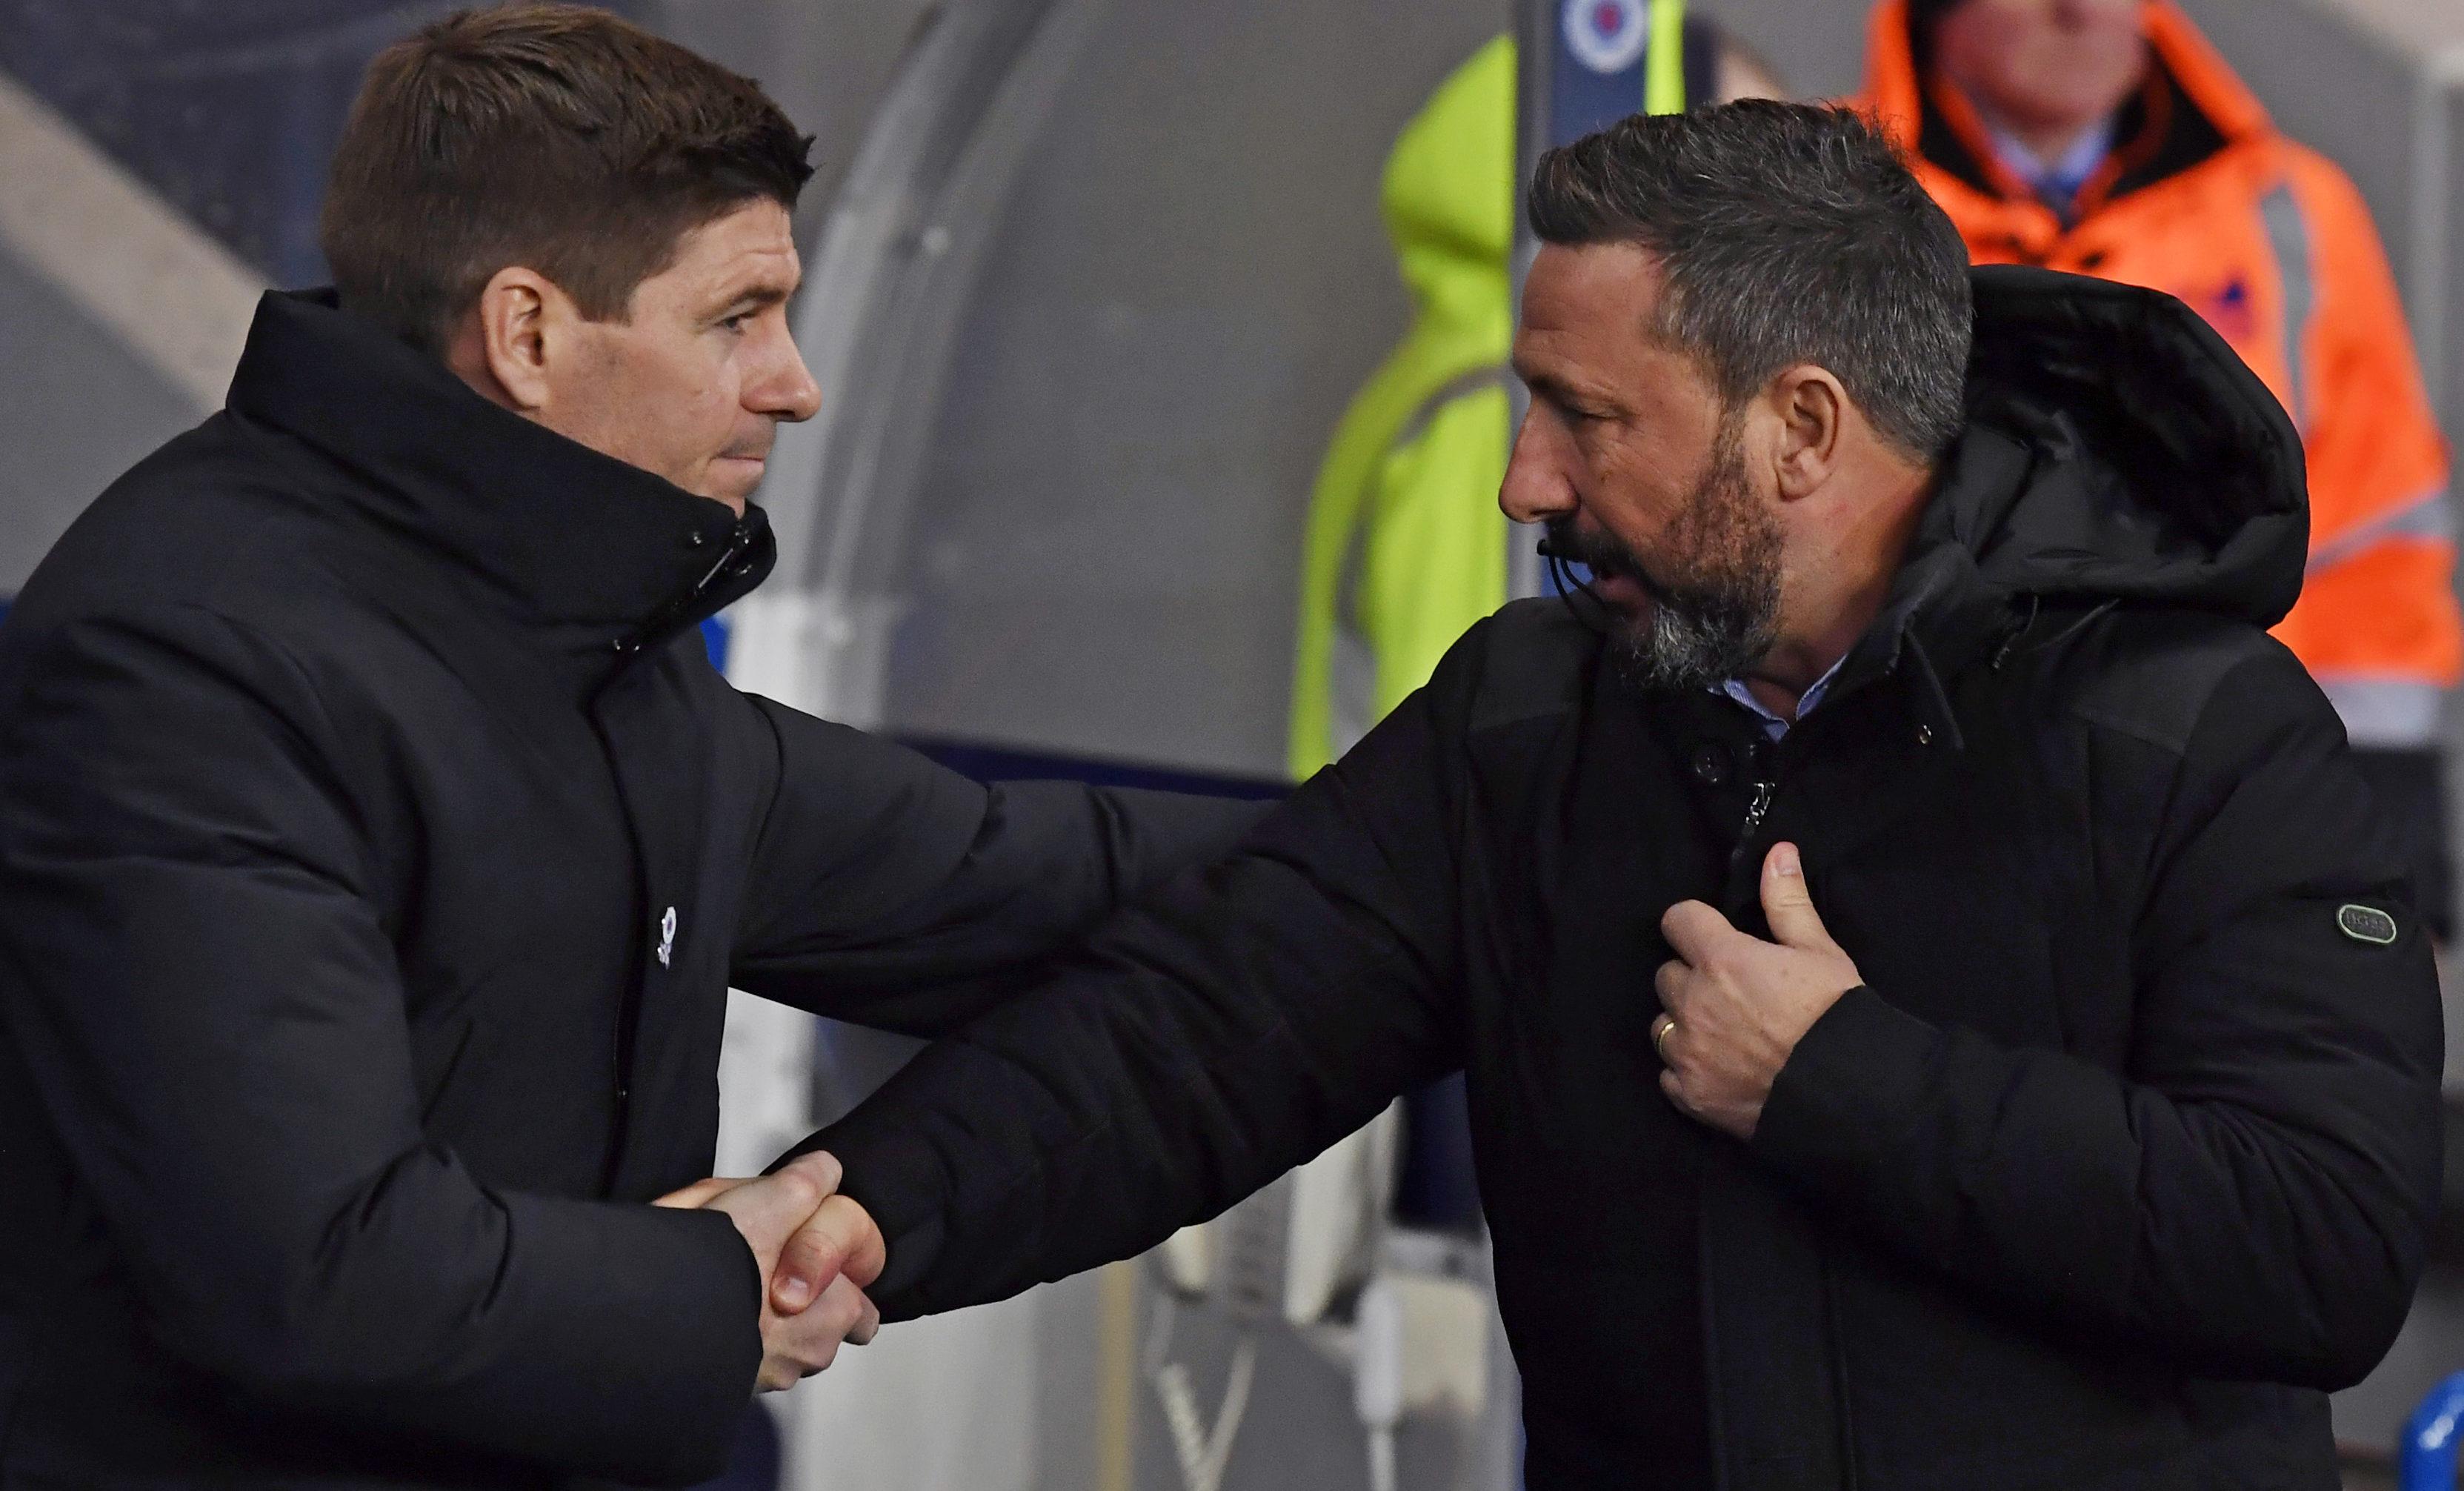 Steven Gerrard, right, shakes hands with Aberdeen boss Derek McInnes on Tuesday night.